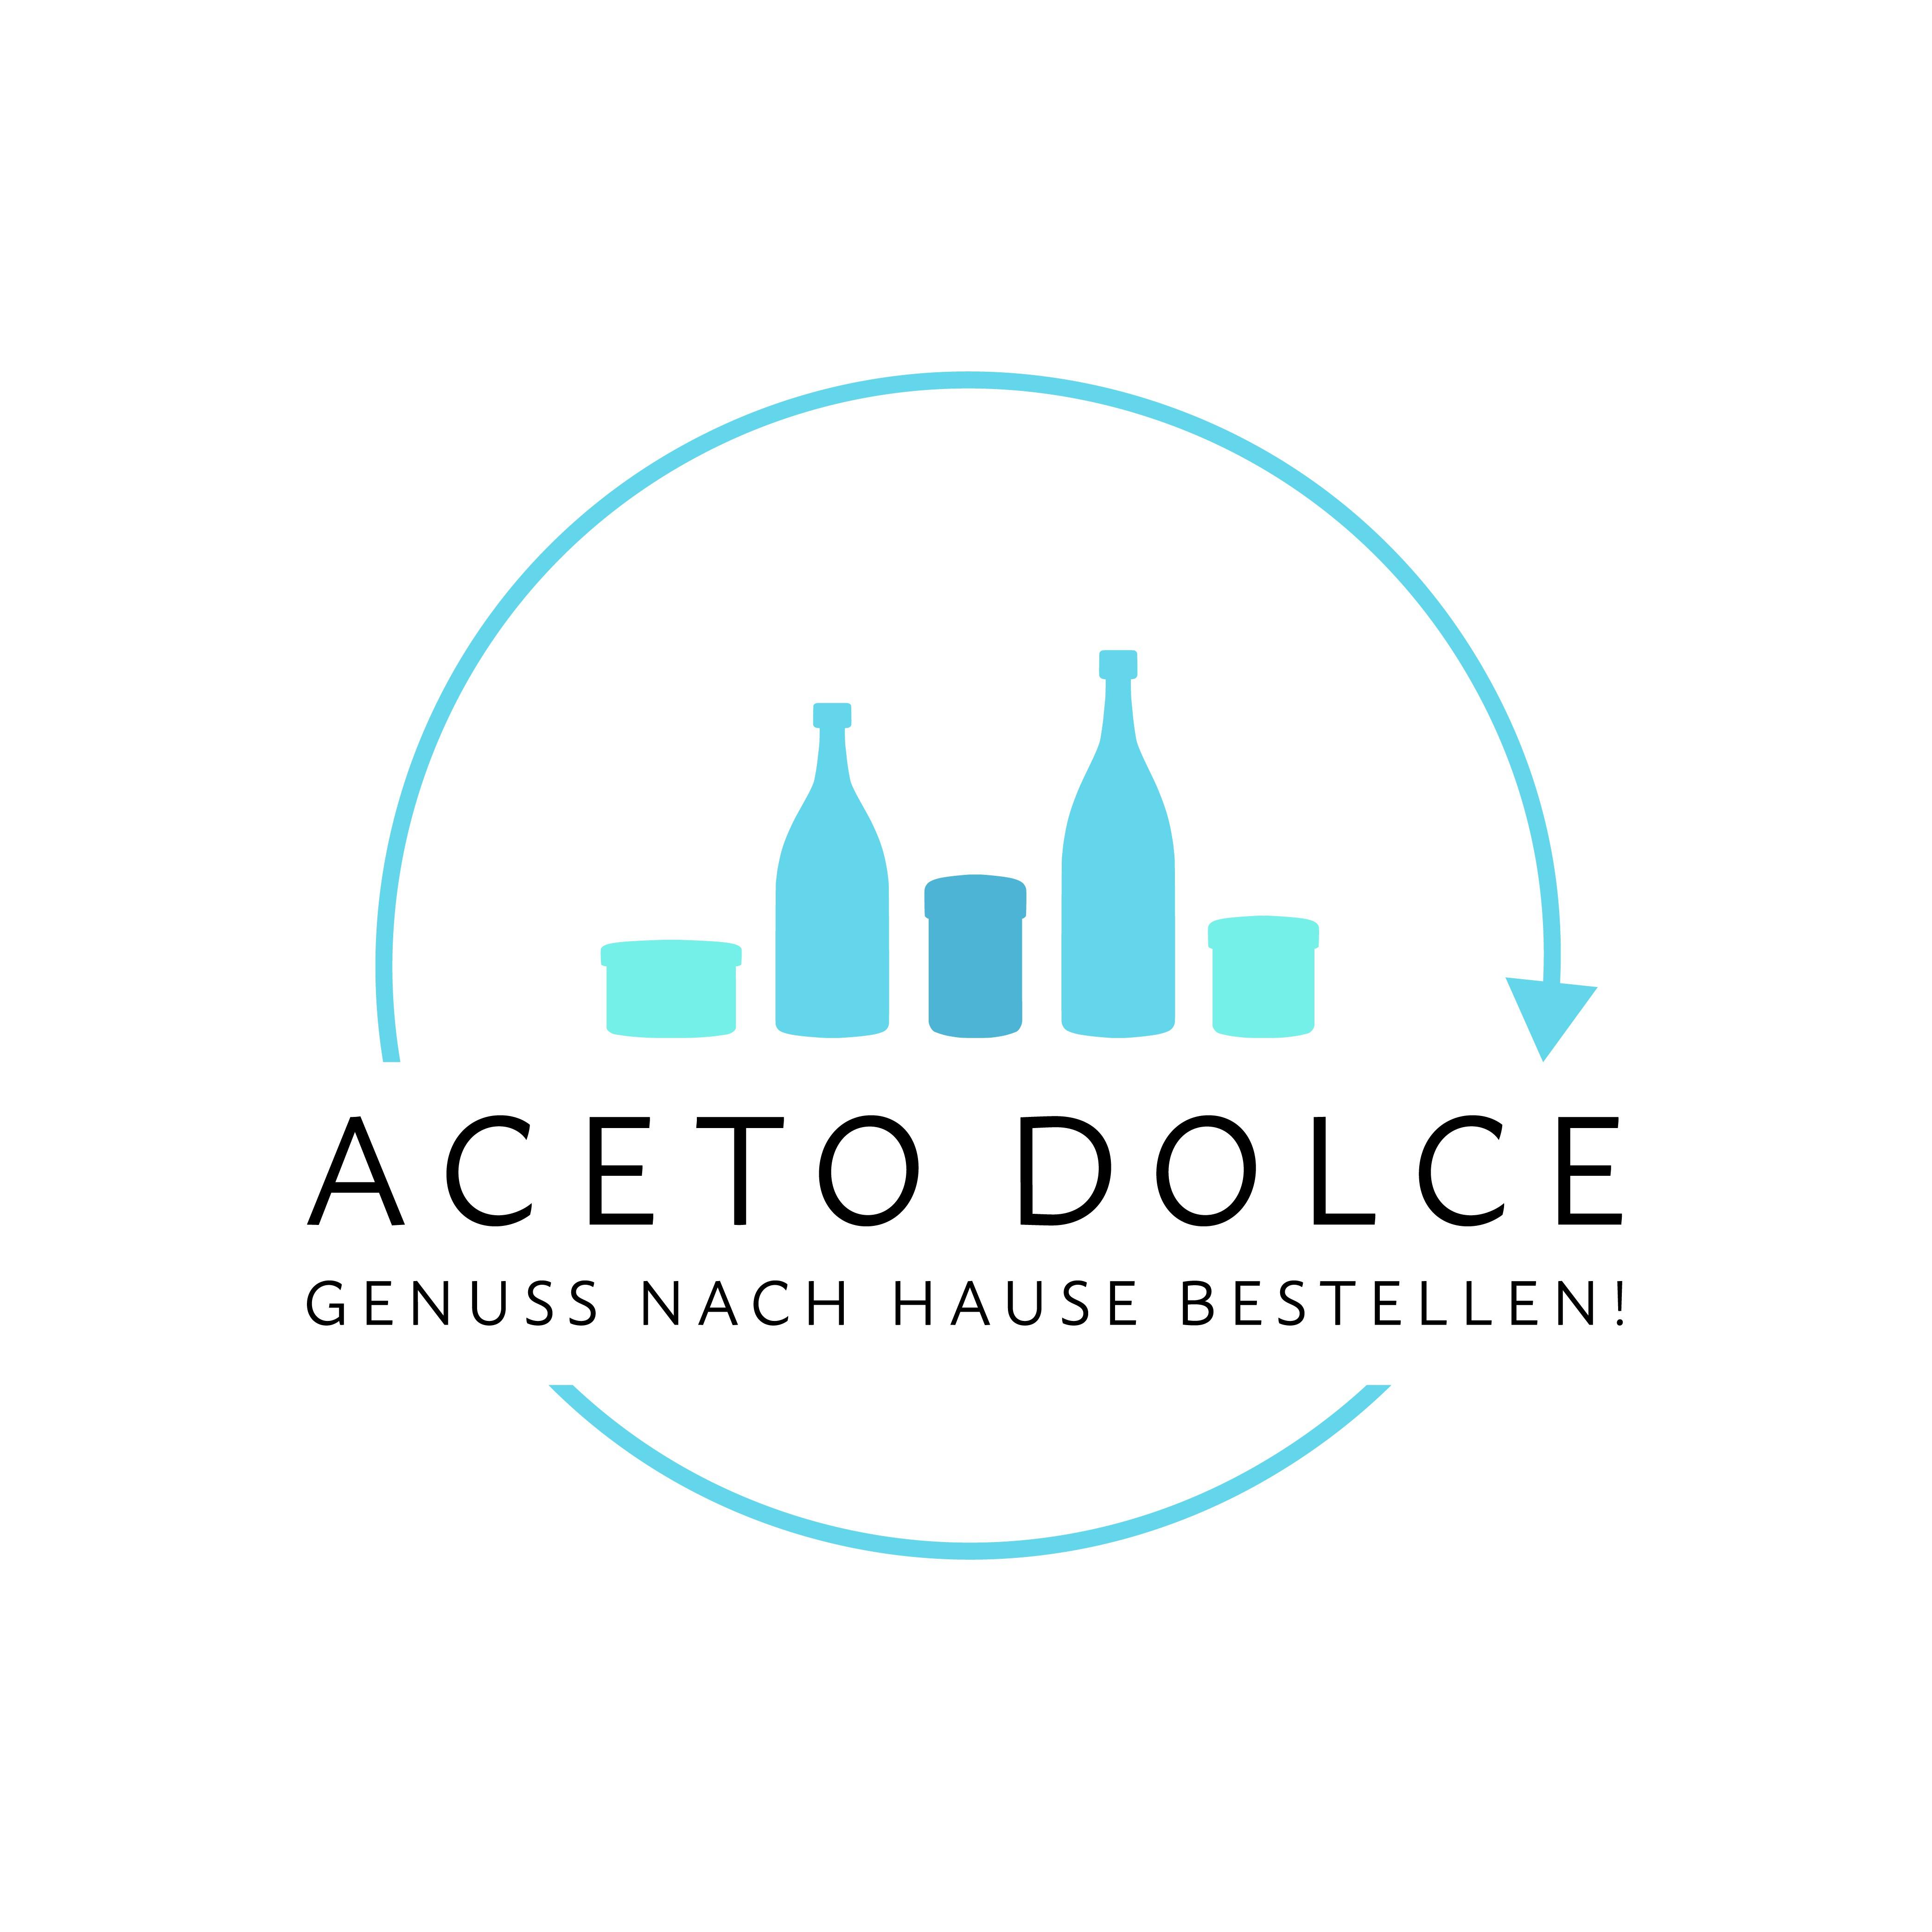 """Erstelle ein Logo für: """"ACETO DOLCE - Genuss nach Hause bestellen!"""""""